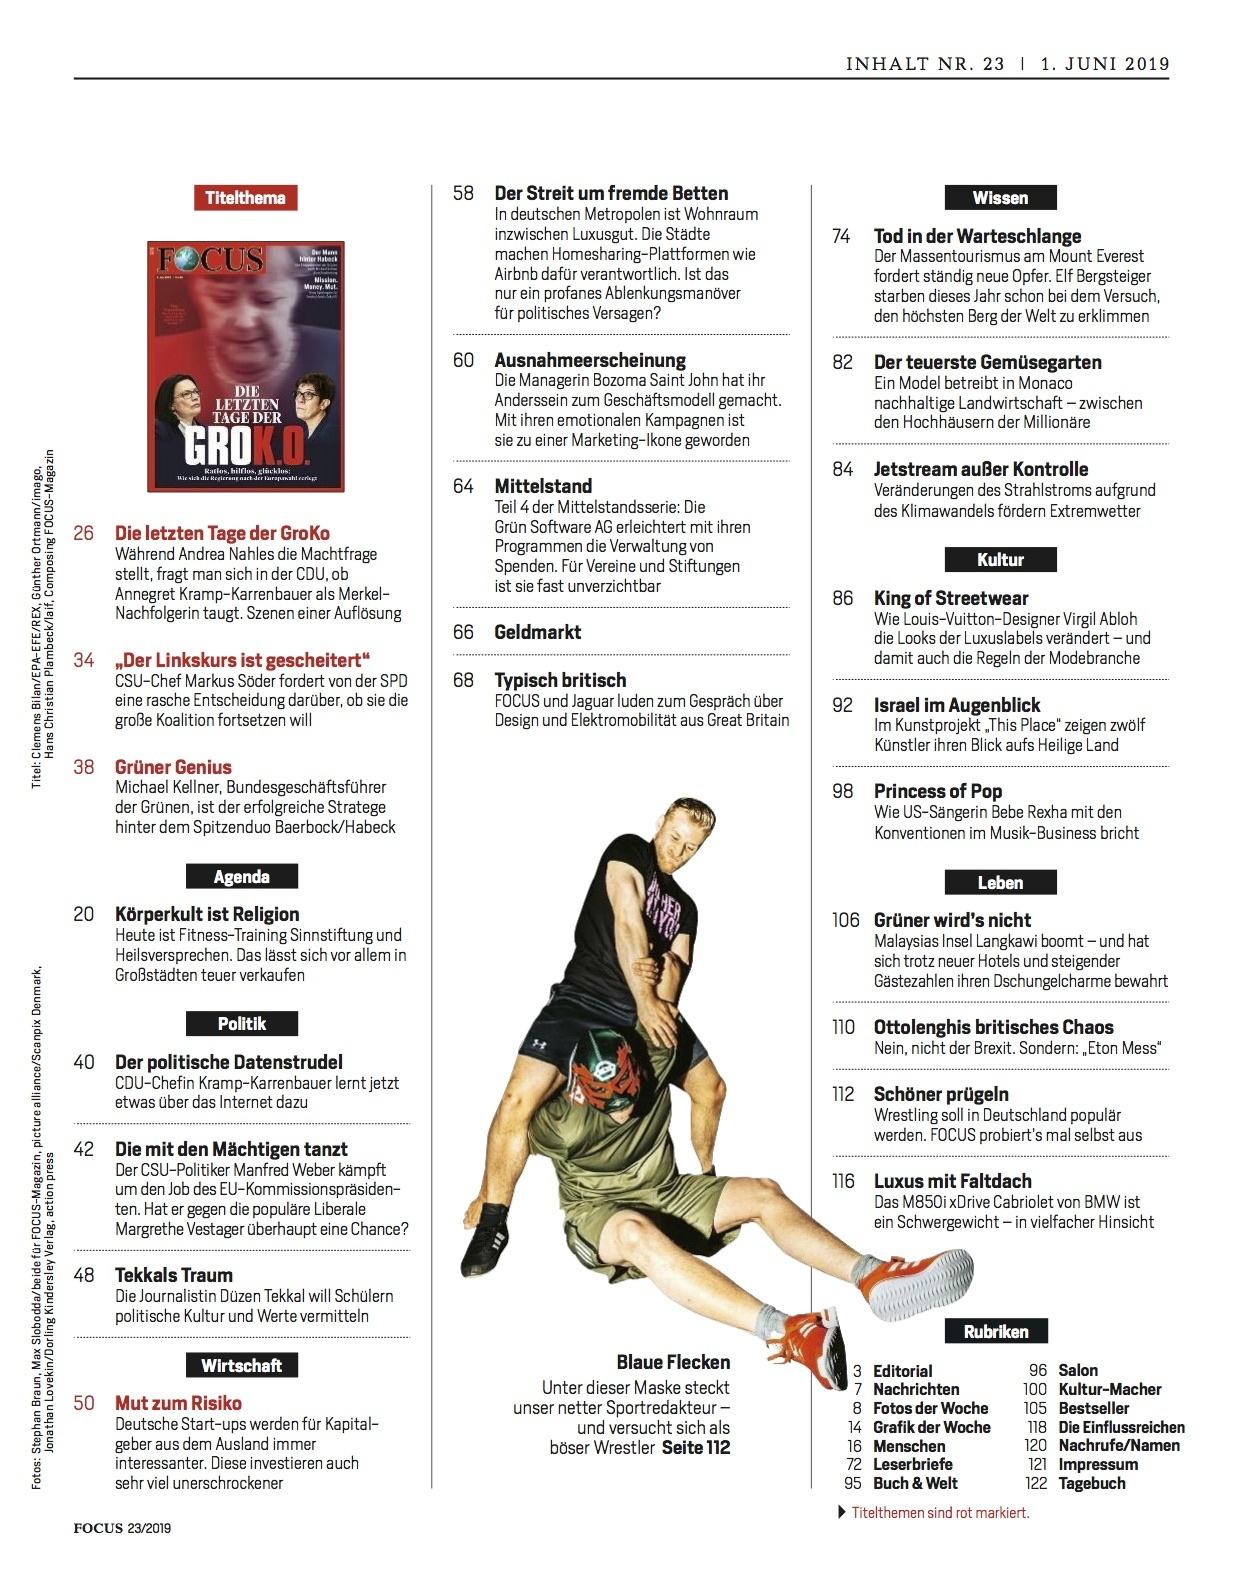 FOCUS FOCUS Magazin - Die letzten Tage der GROK.O.